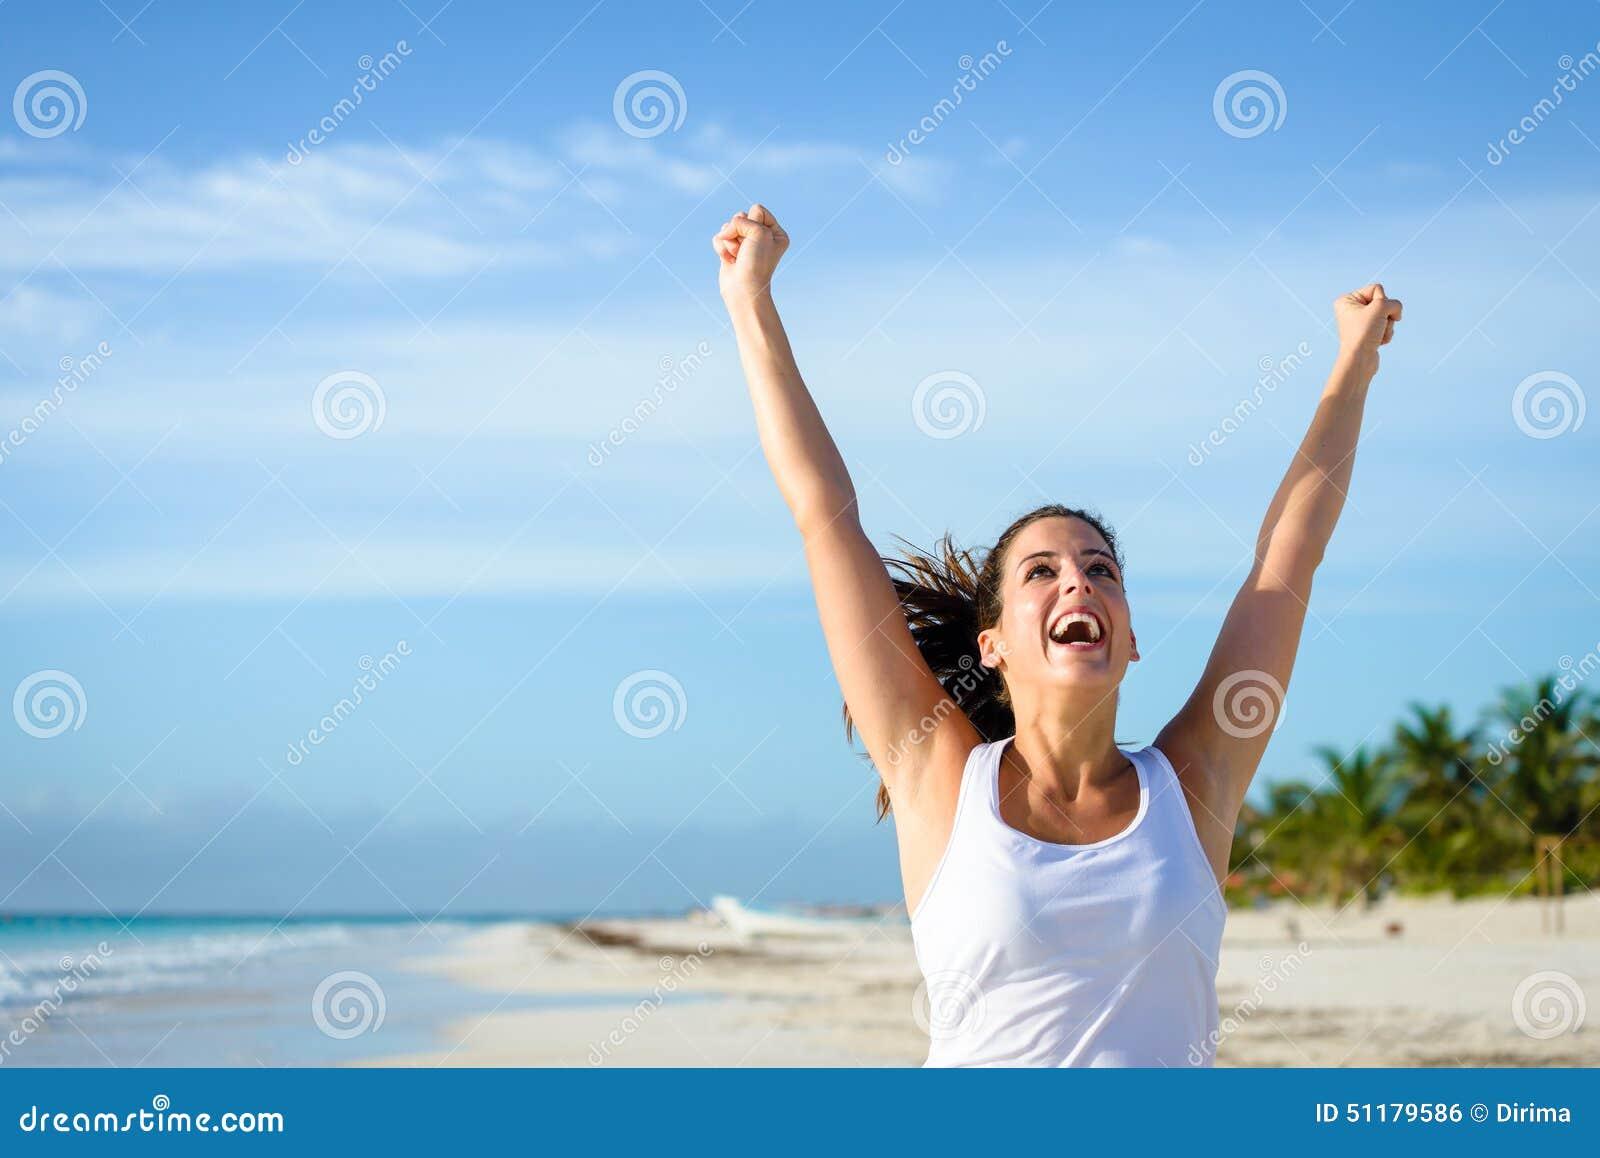 Succesvolle sportieve vrouw die bij tropisch strand lopen